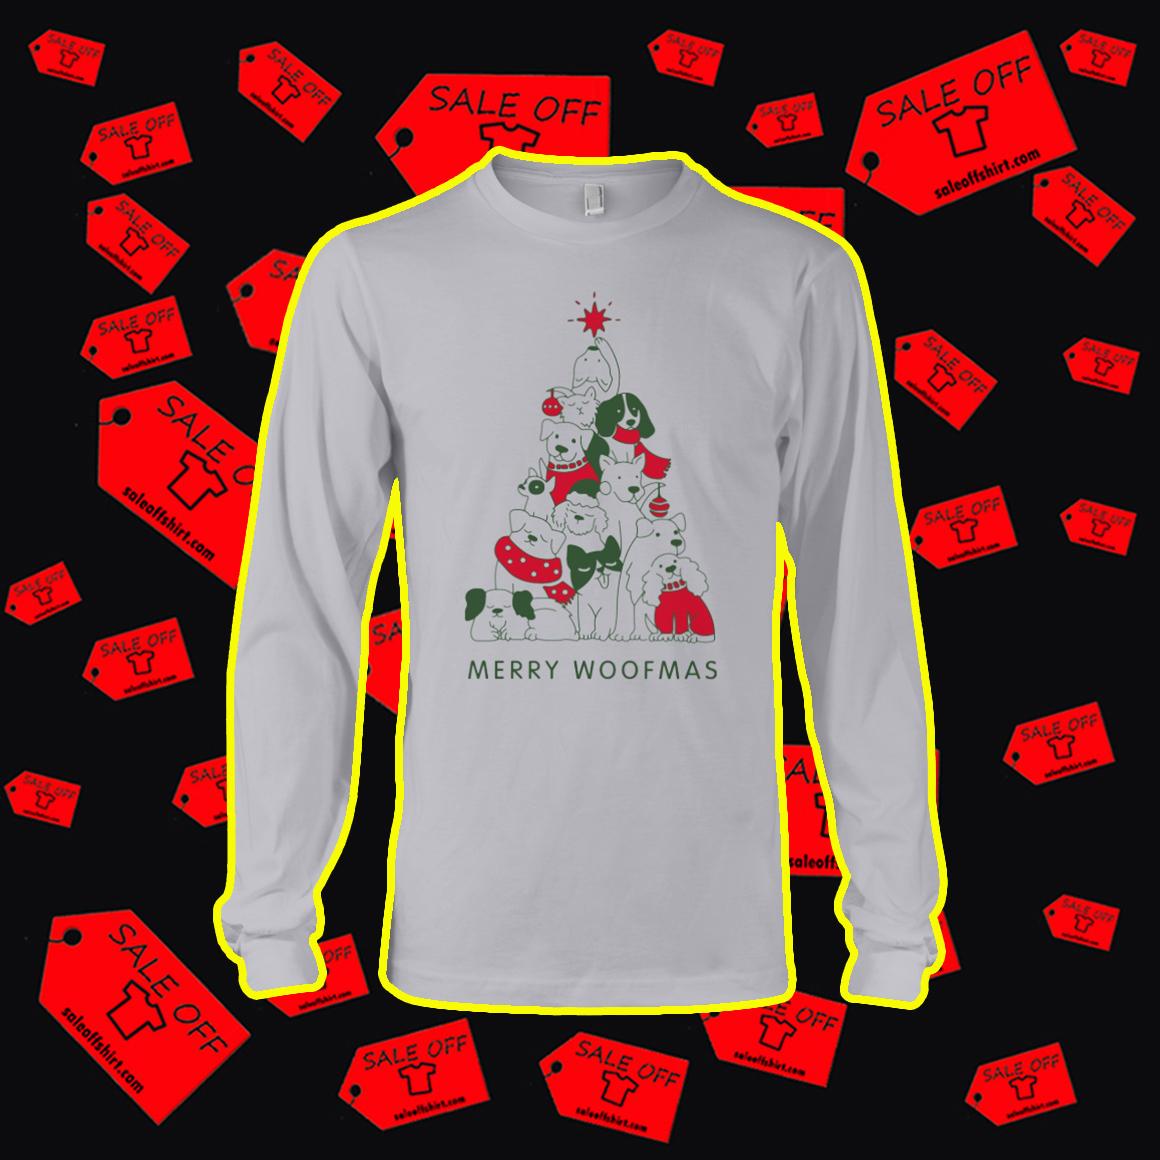 Merry Woofmas Christmas Tree longsleeve tee